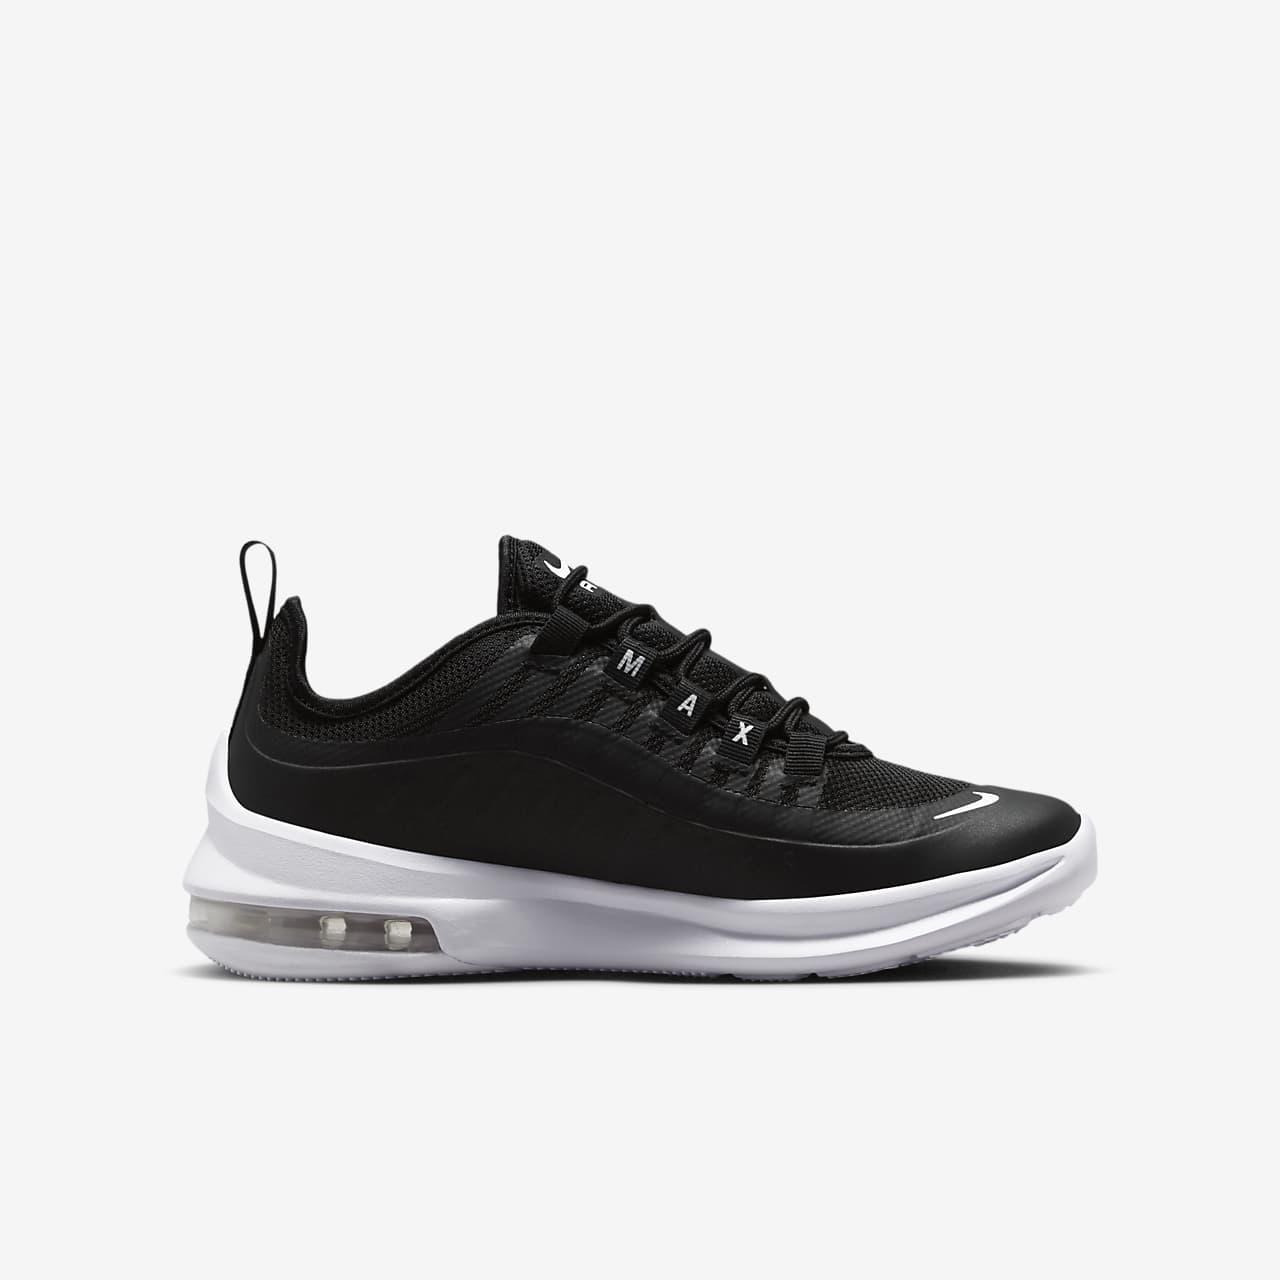 Chaussures Nike Air Max Axis noires pour bébé oyCCn8GoTW